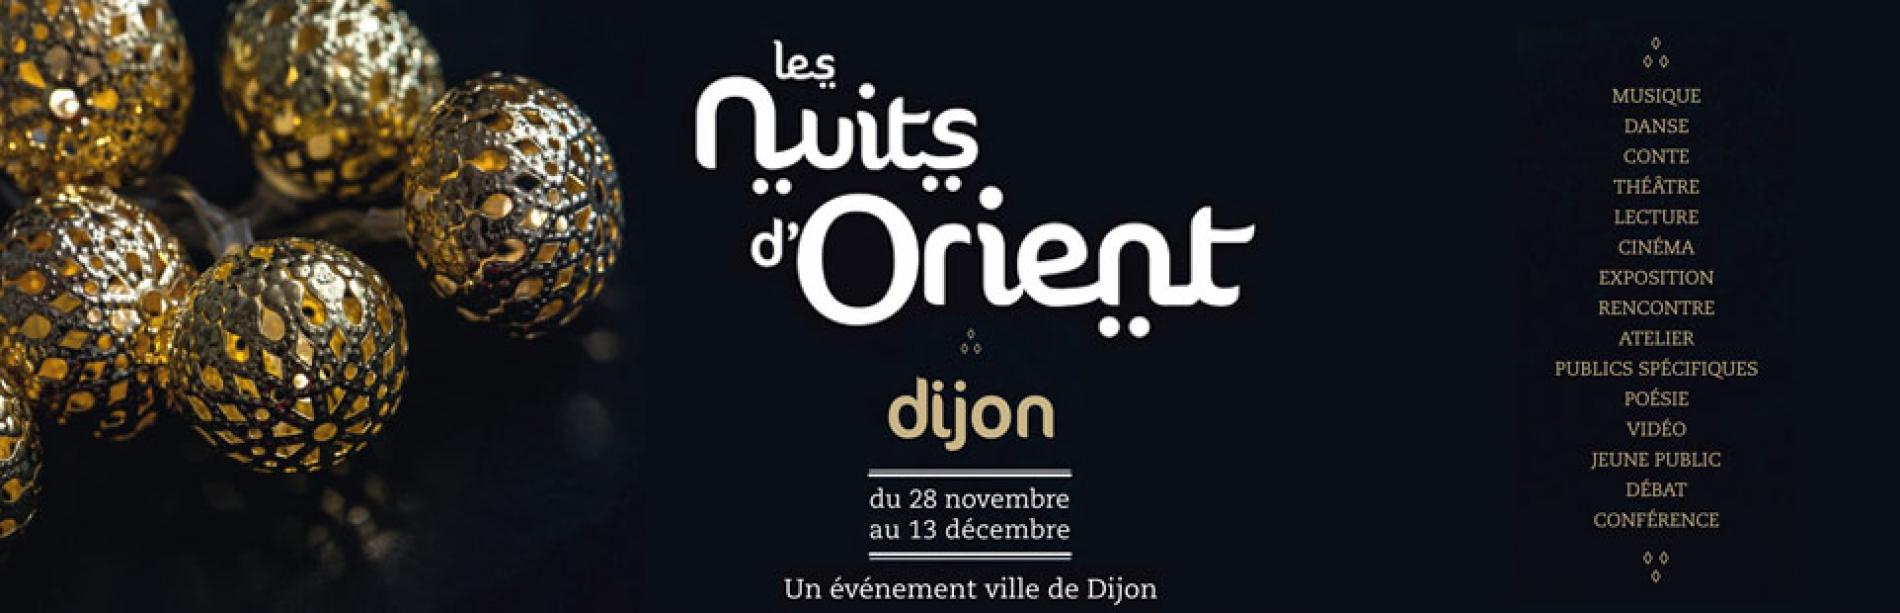 site d rencontre algerien Bourges